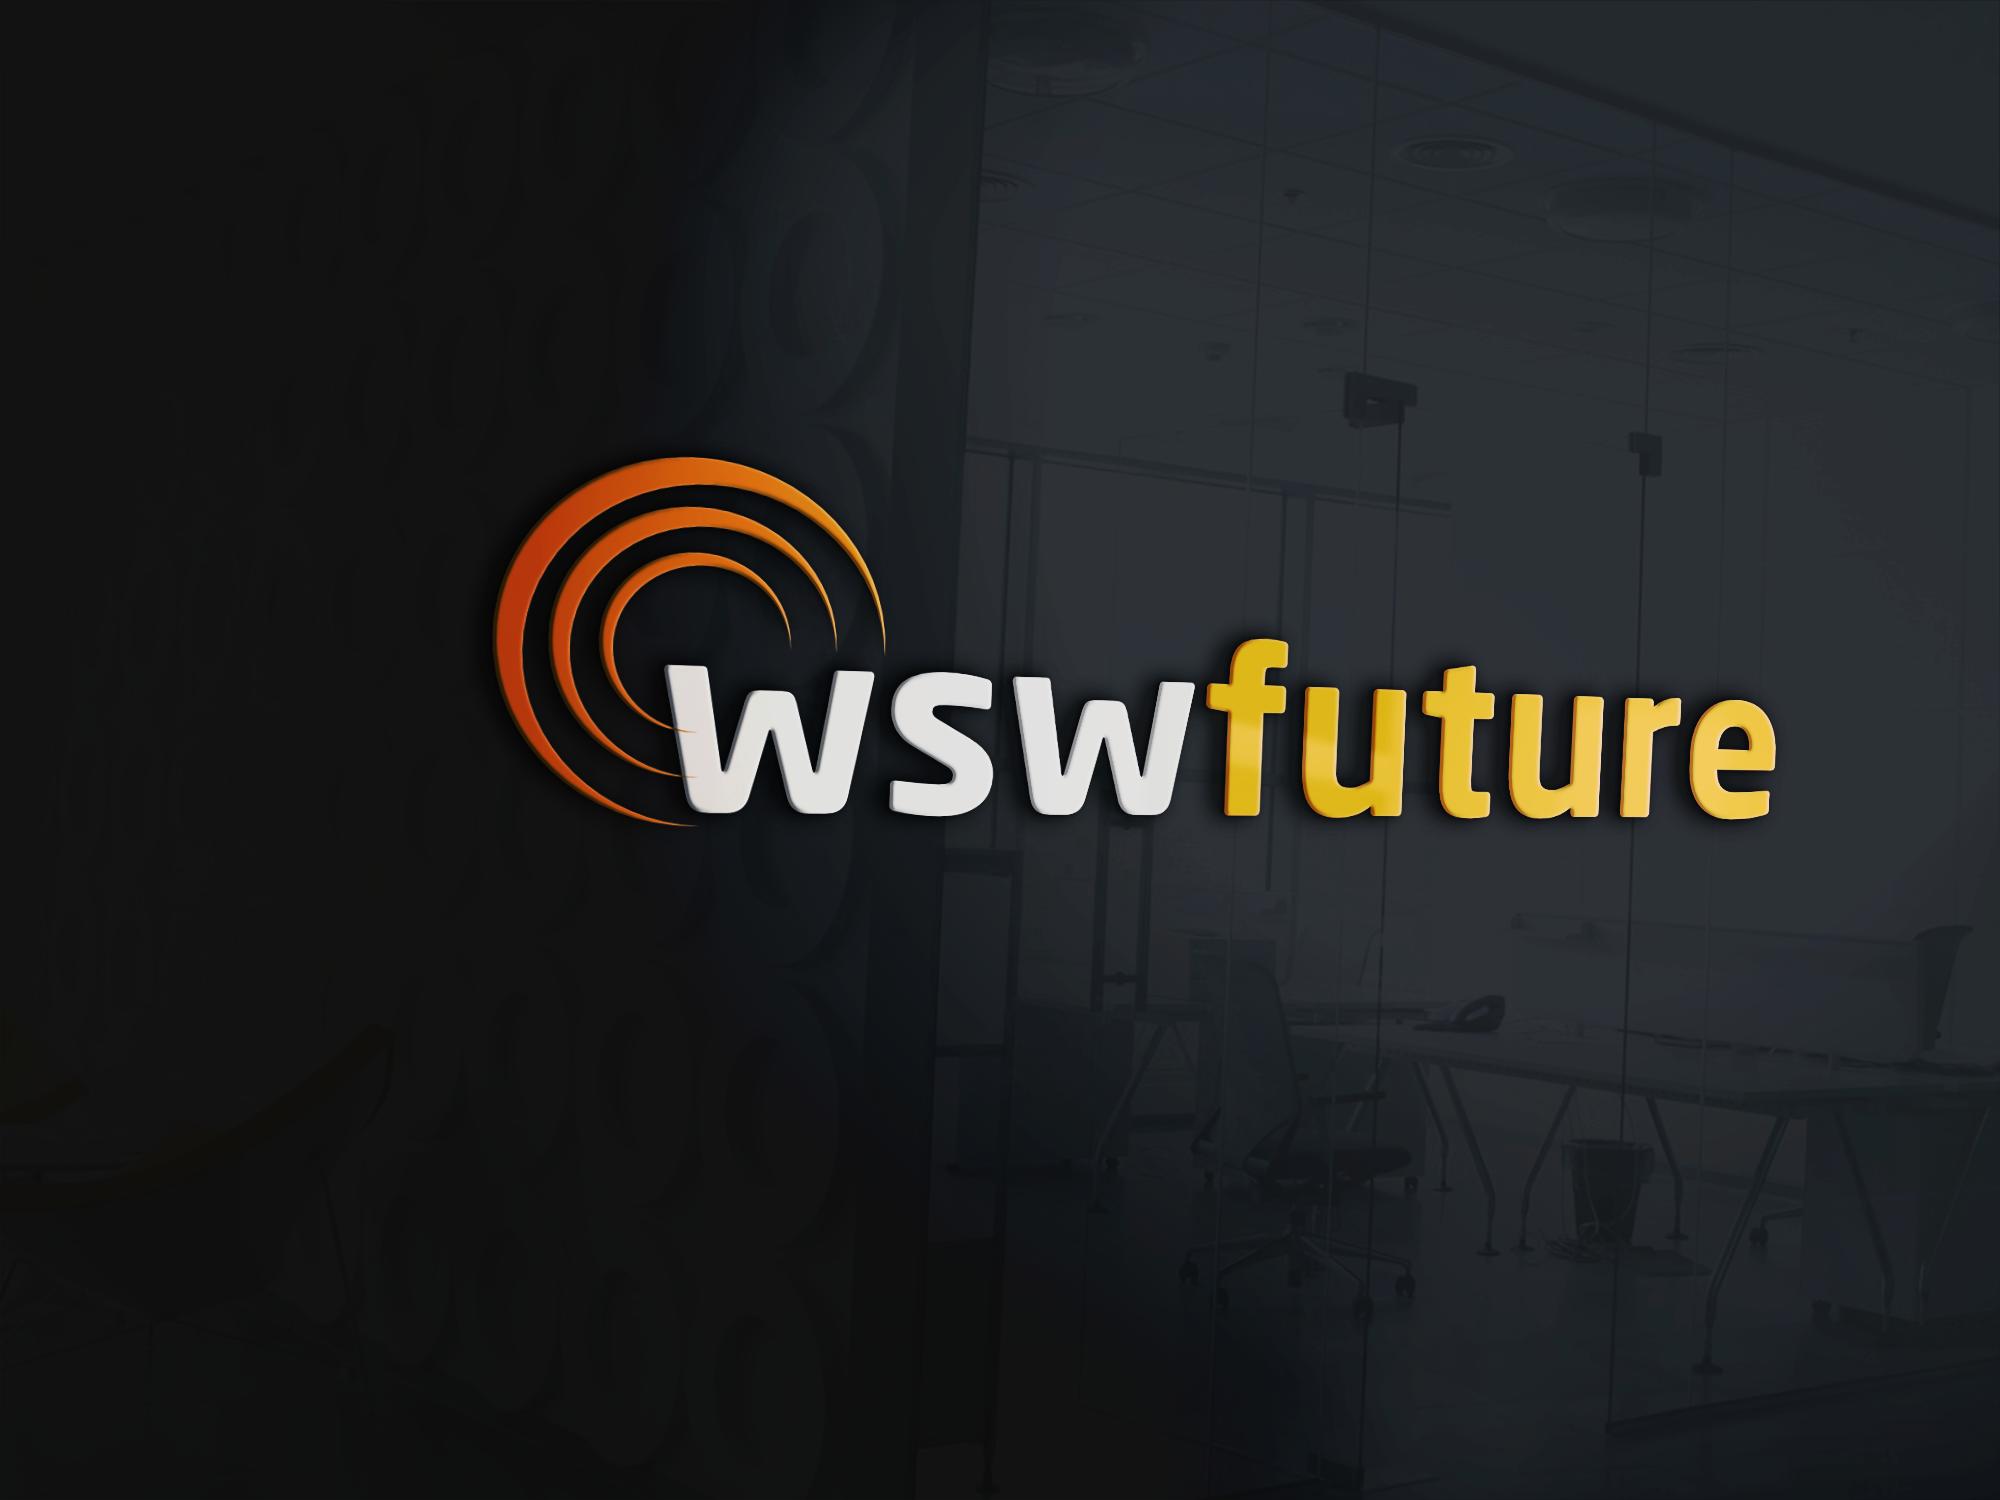 WSW Future